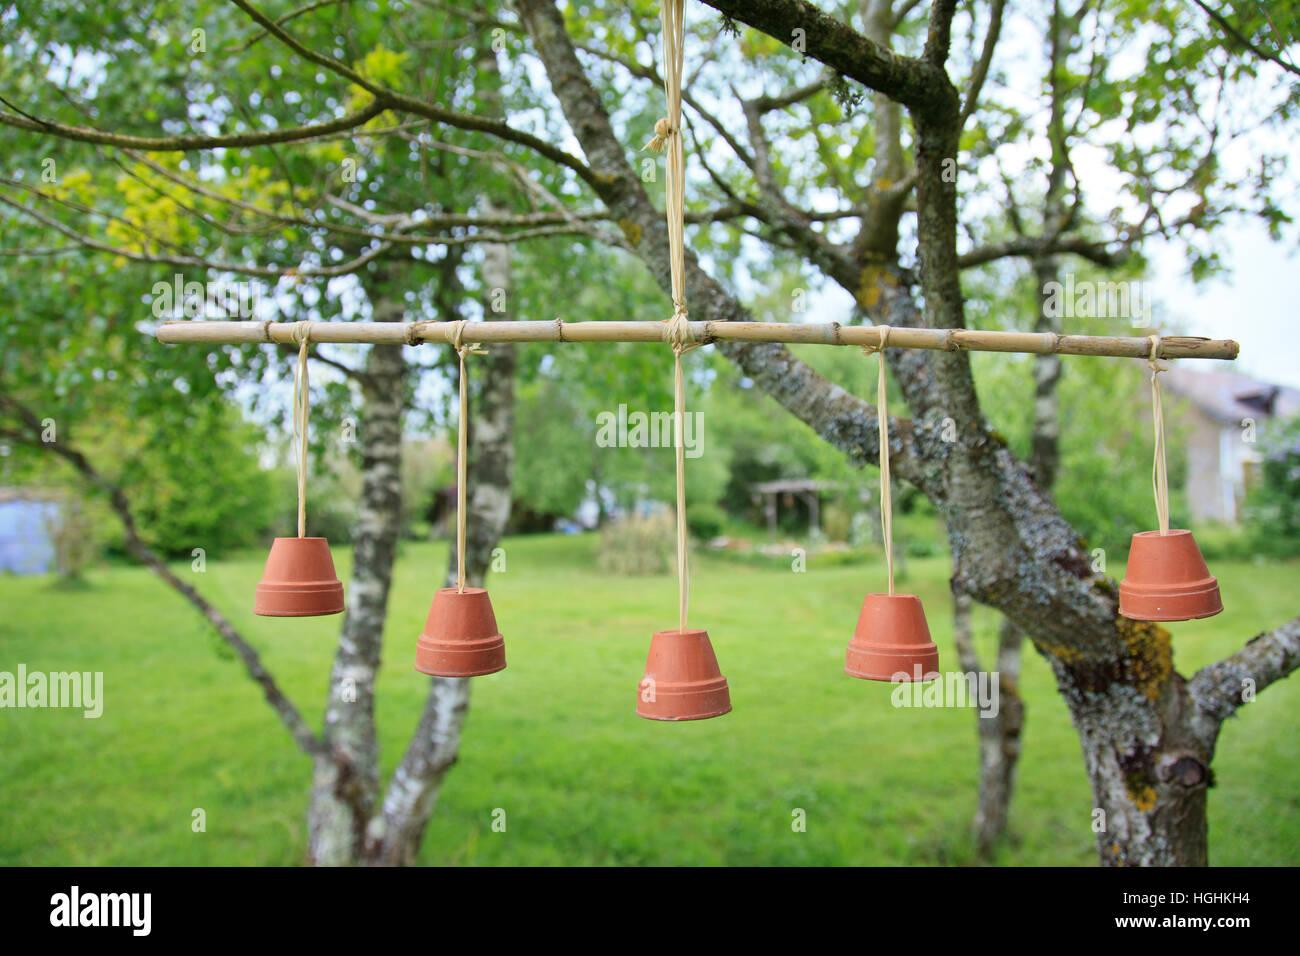 Hangend In Einem Baum Mit Terrakotta Blumentopf Europa Frankreich Realisiert Mobile Stockfotografie Alamy